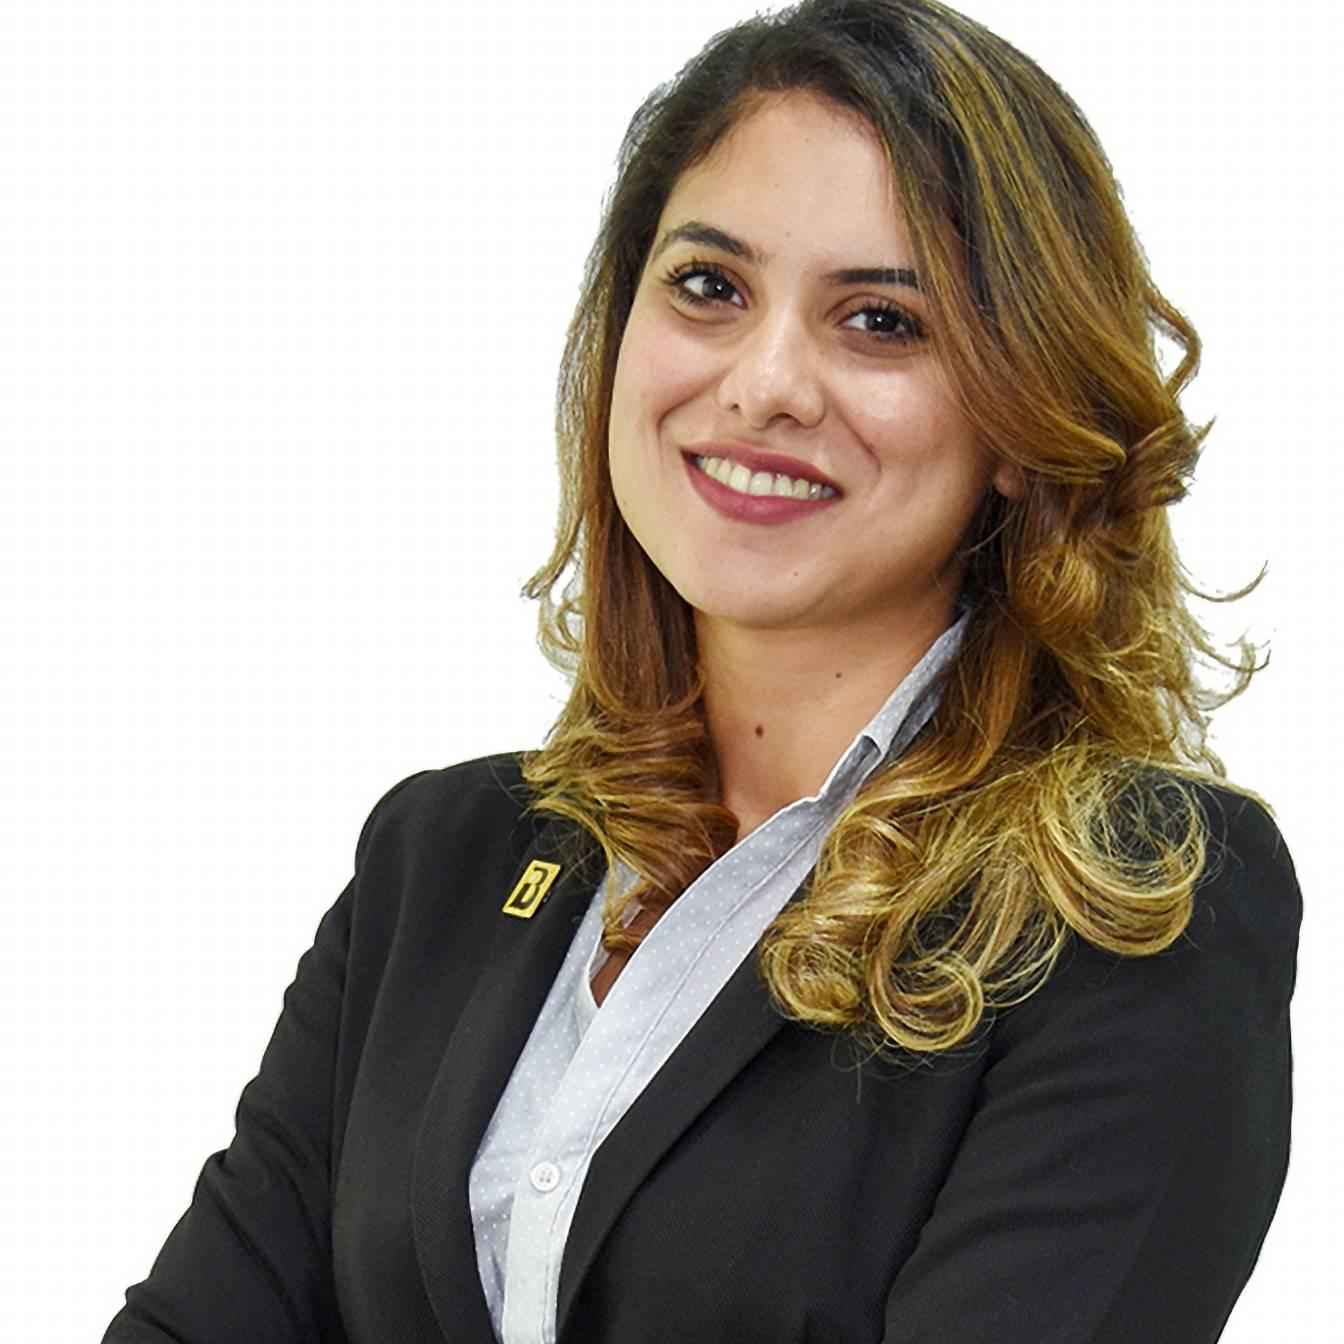 Hira Sohail